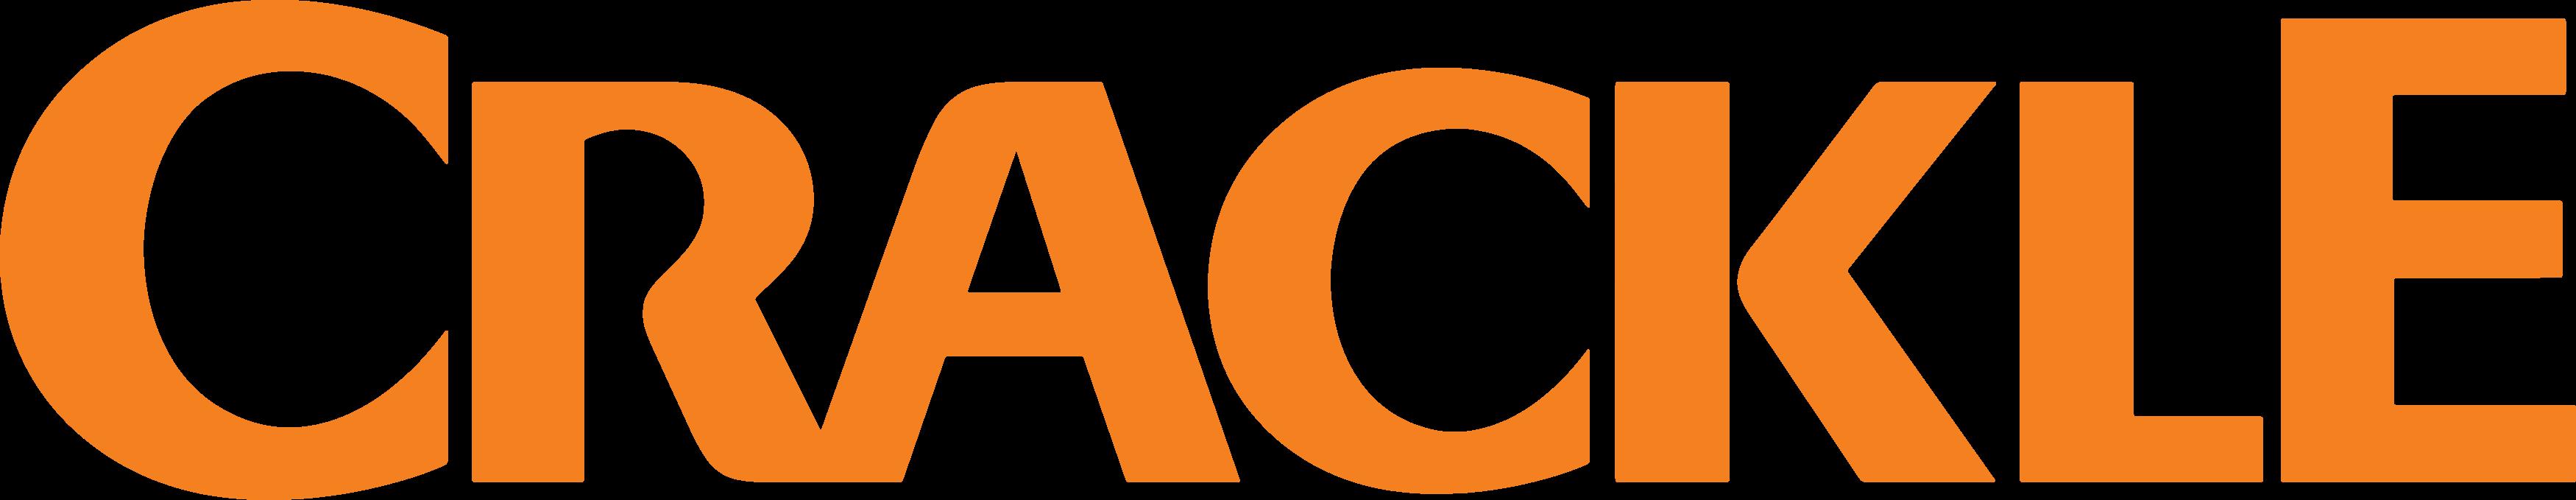 Crackle Logo.